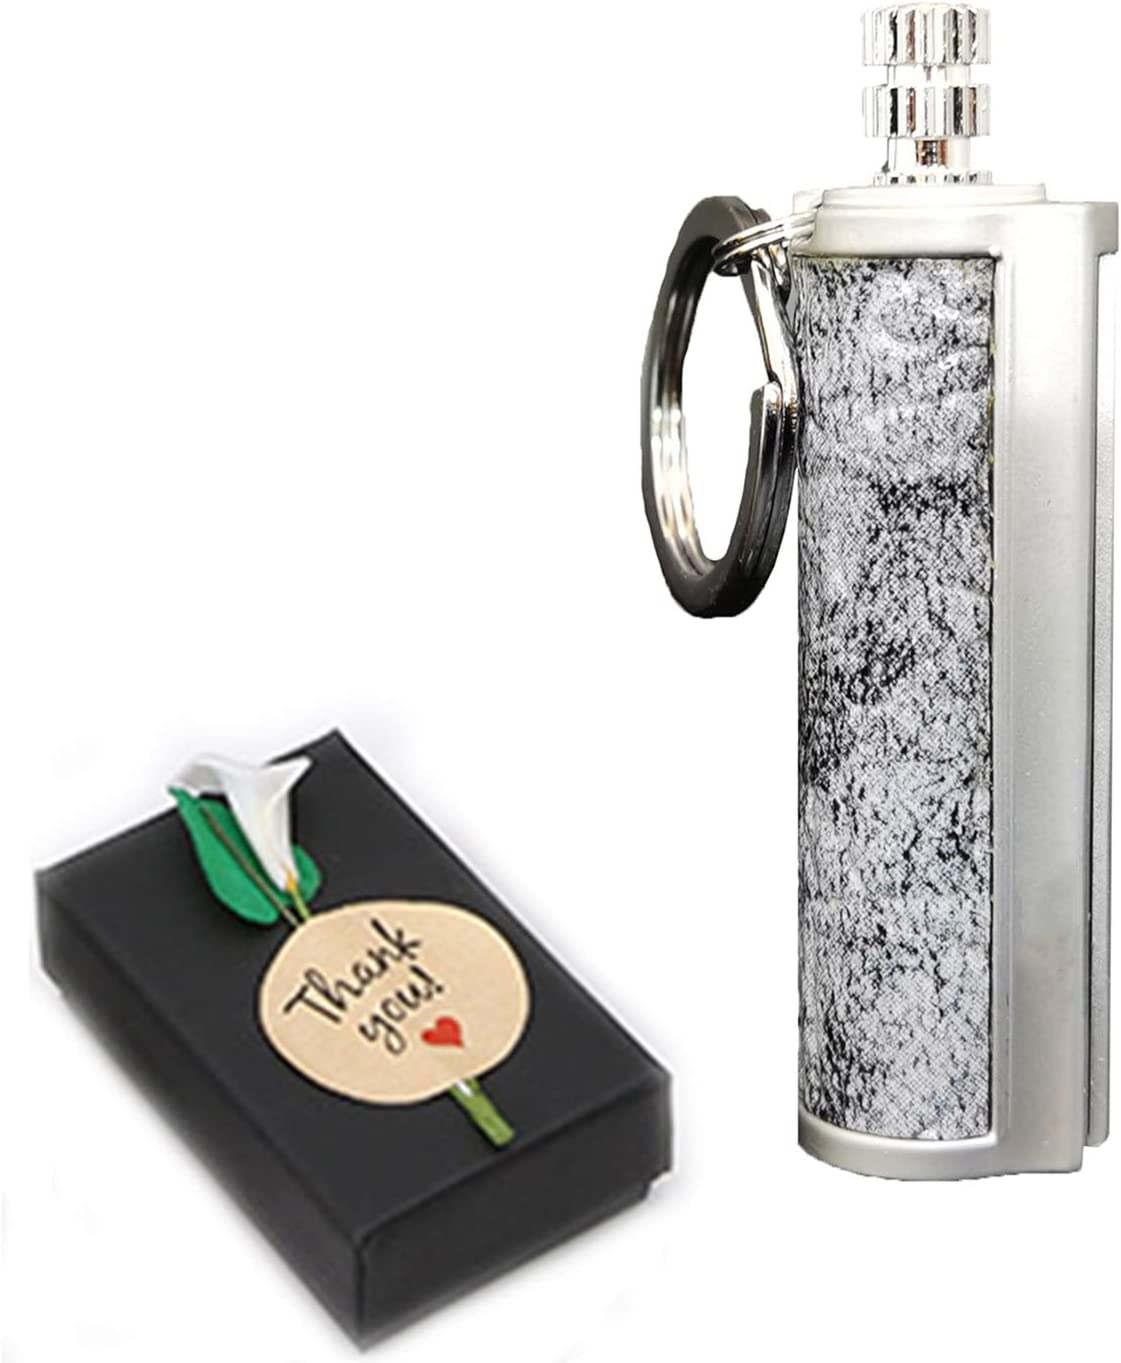 Dragon S Breath Immortal Lighter - Mechero de Queroseno de Palo de fósforo de pedernal Llavero de Metal, Encendedor de Fuego Impermeable, Las Mejores Ideas para Regalos